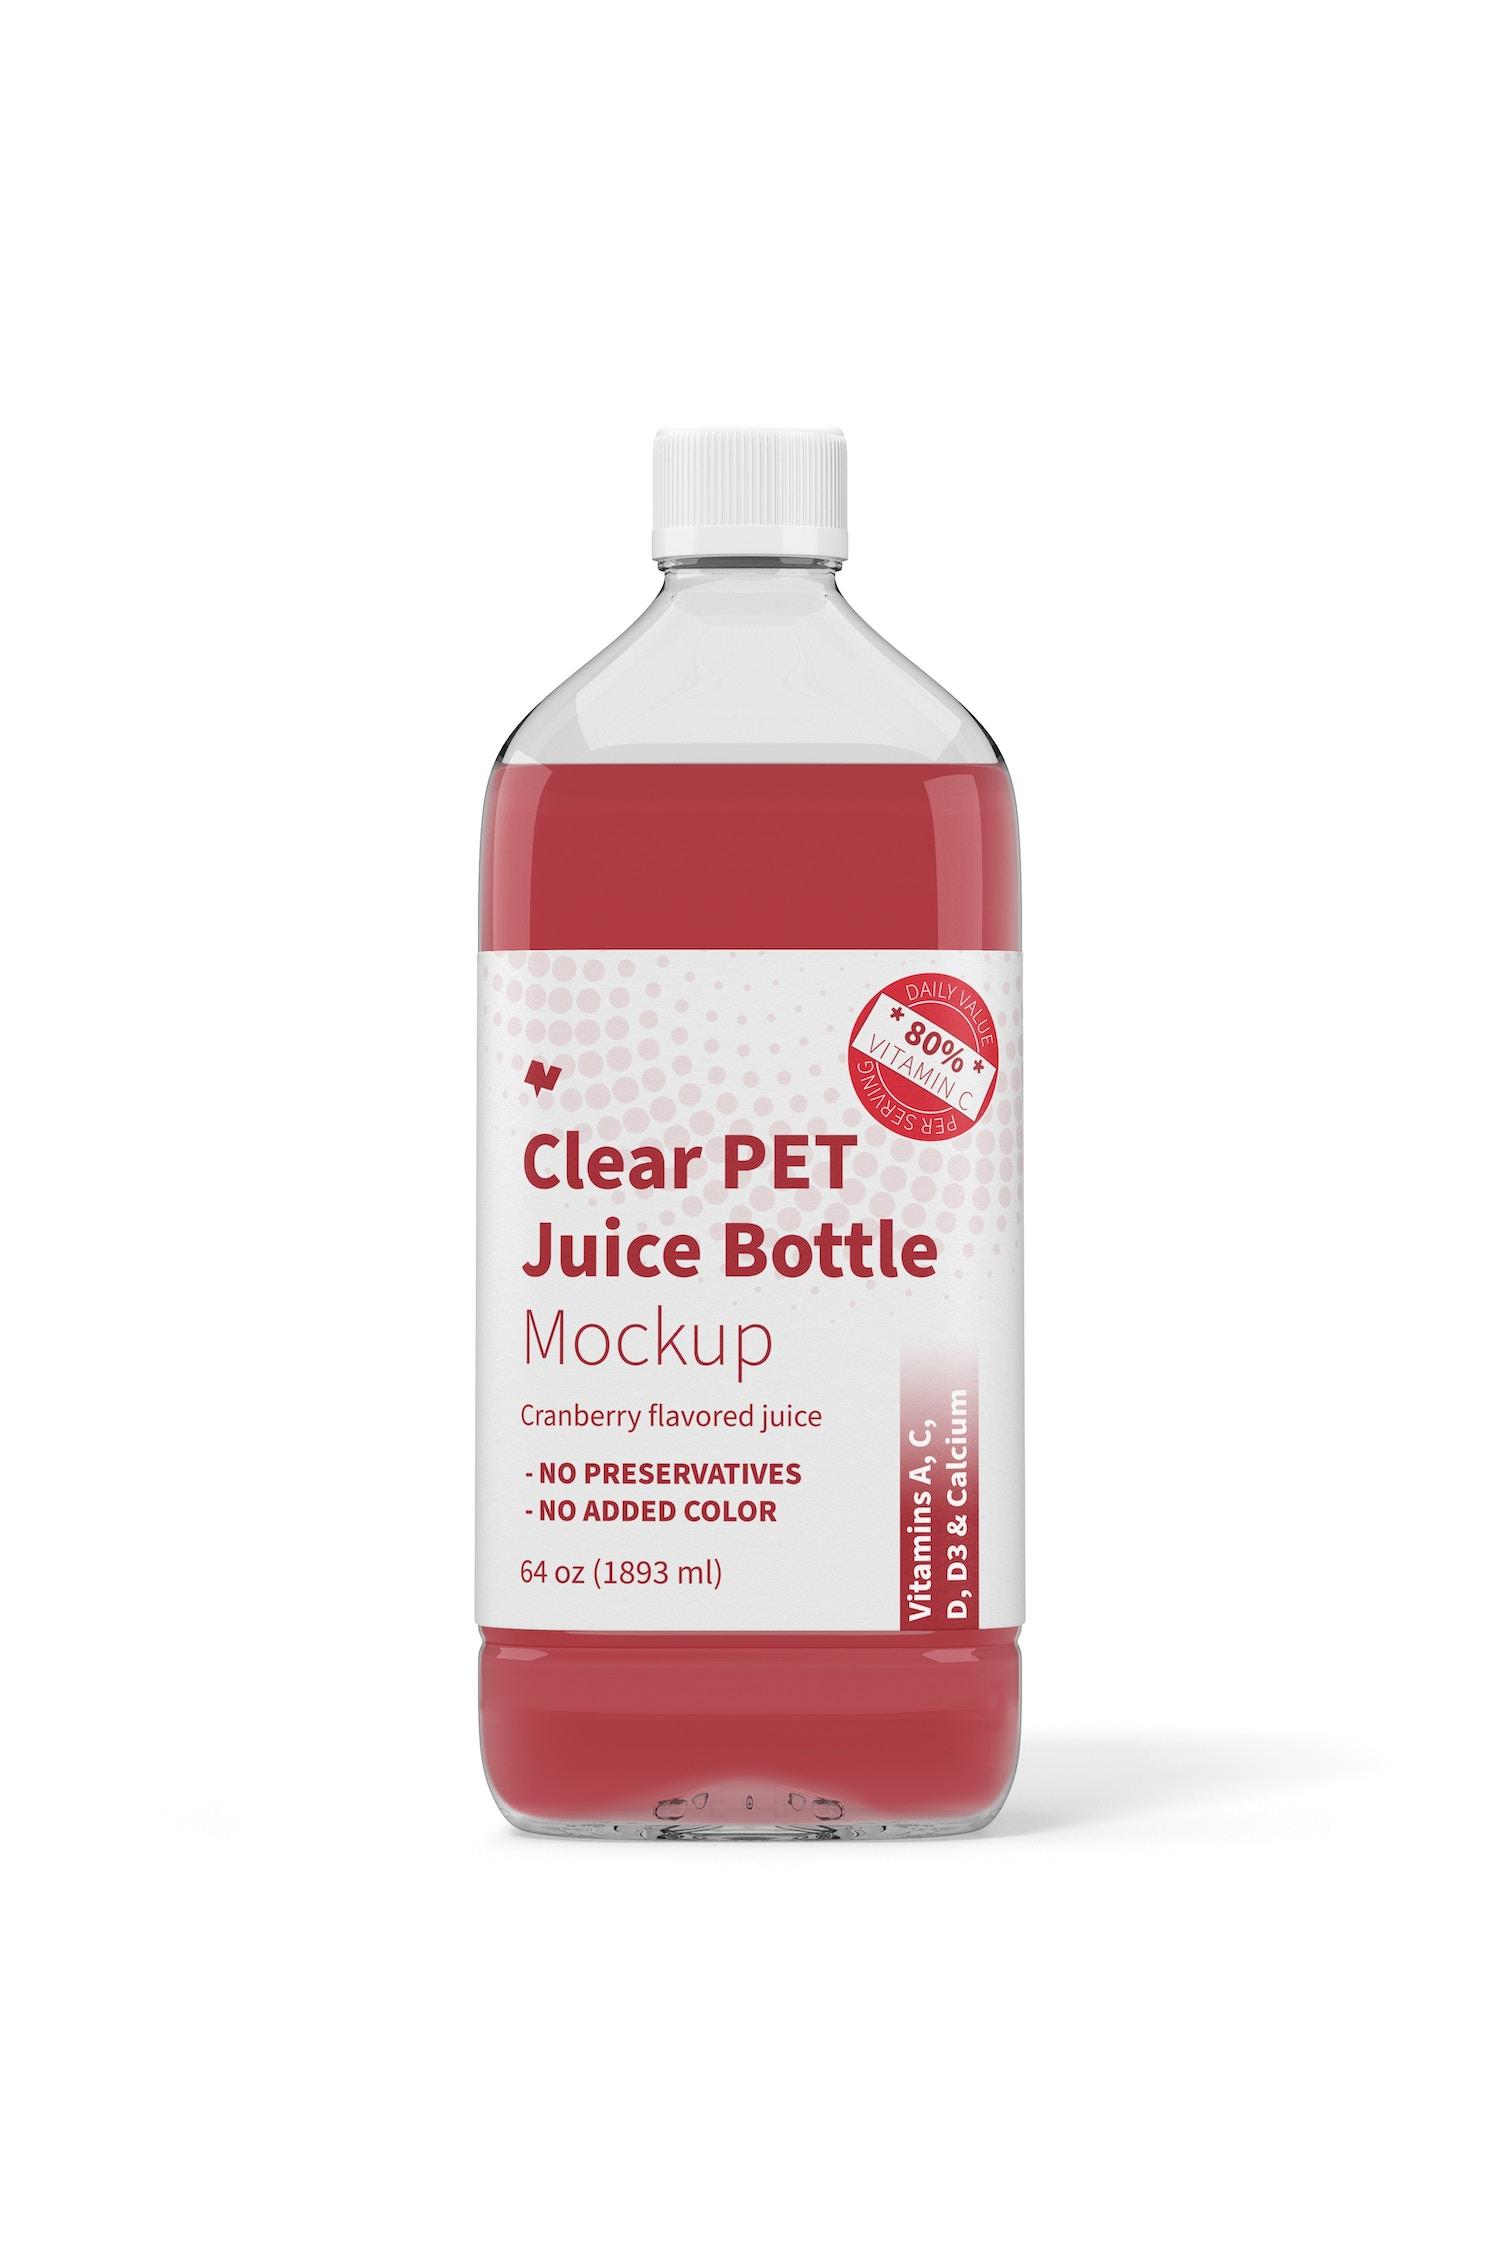 64 oz Clear PET Juice Bottle Mockup, Front View